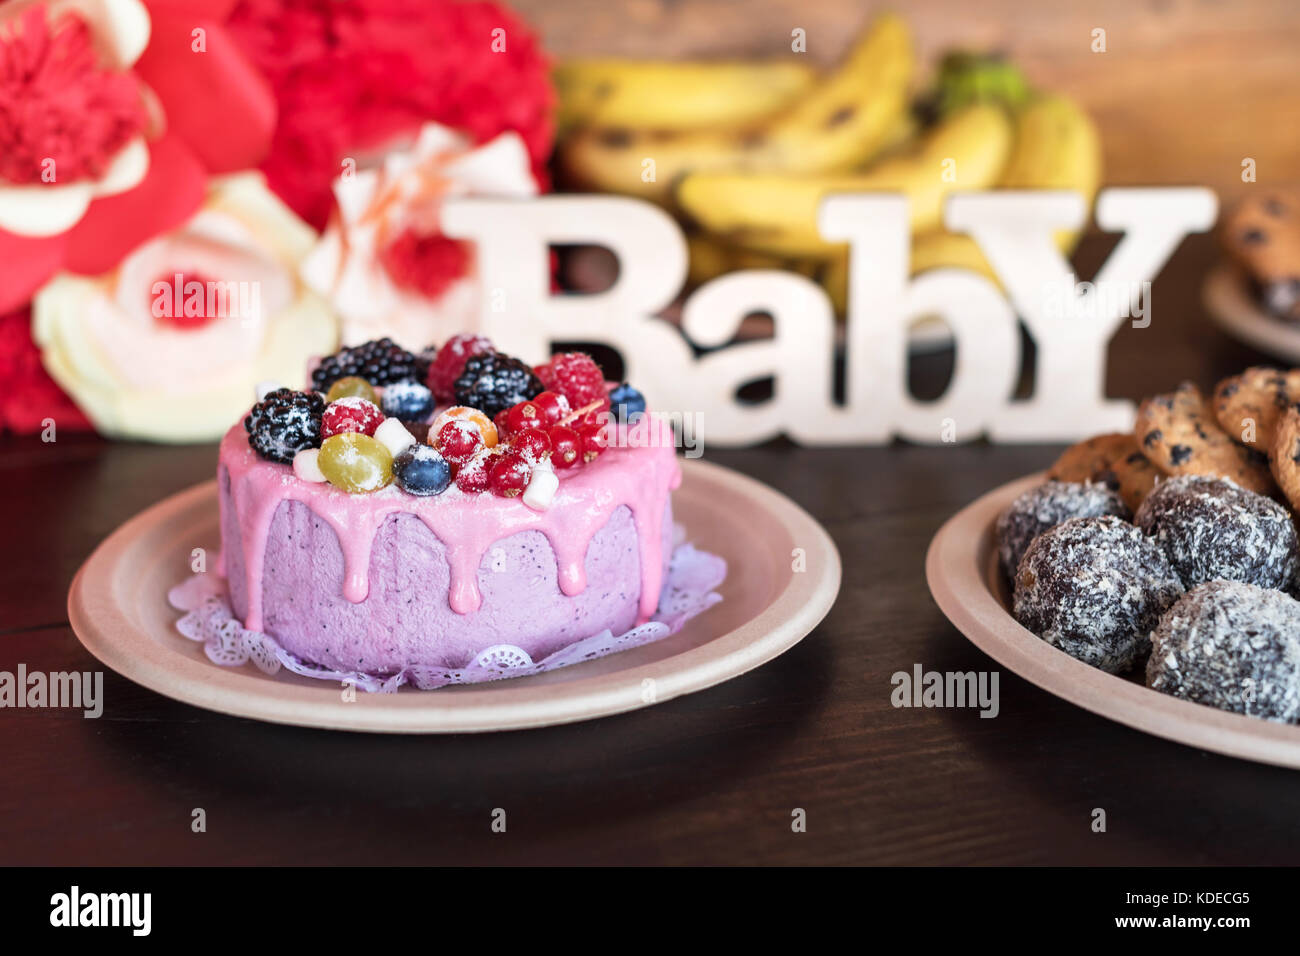 Geburtstag Kuchen Und Muffins Mit Hölzernen Gruß Zeichen Auf Dunklem  Hintergrund. Holz  Singen Mit Buchstaben Baby Und Urlaub Süßigkeiten.